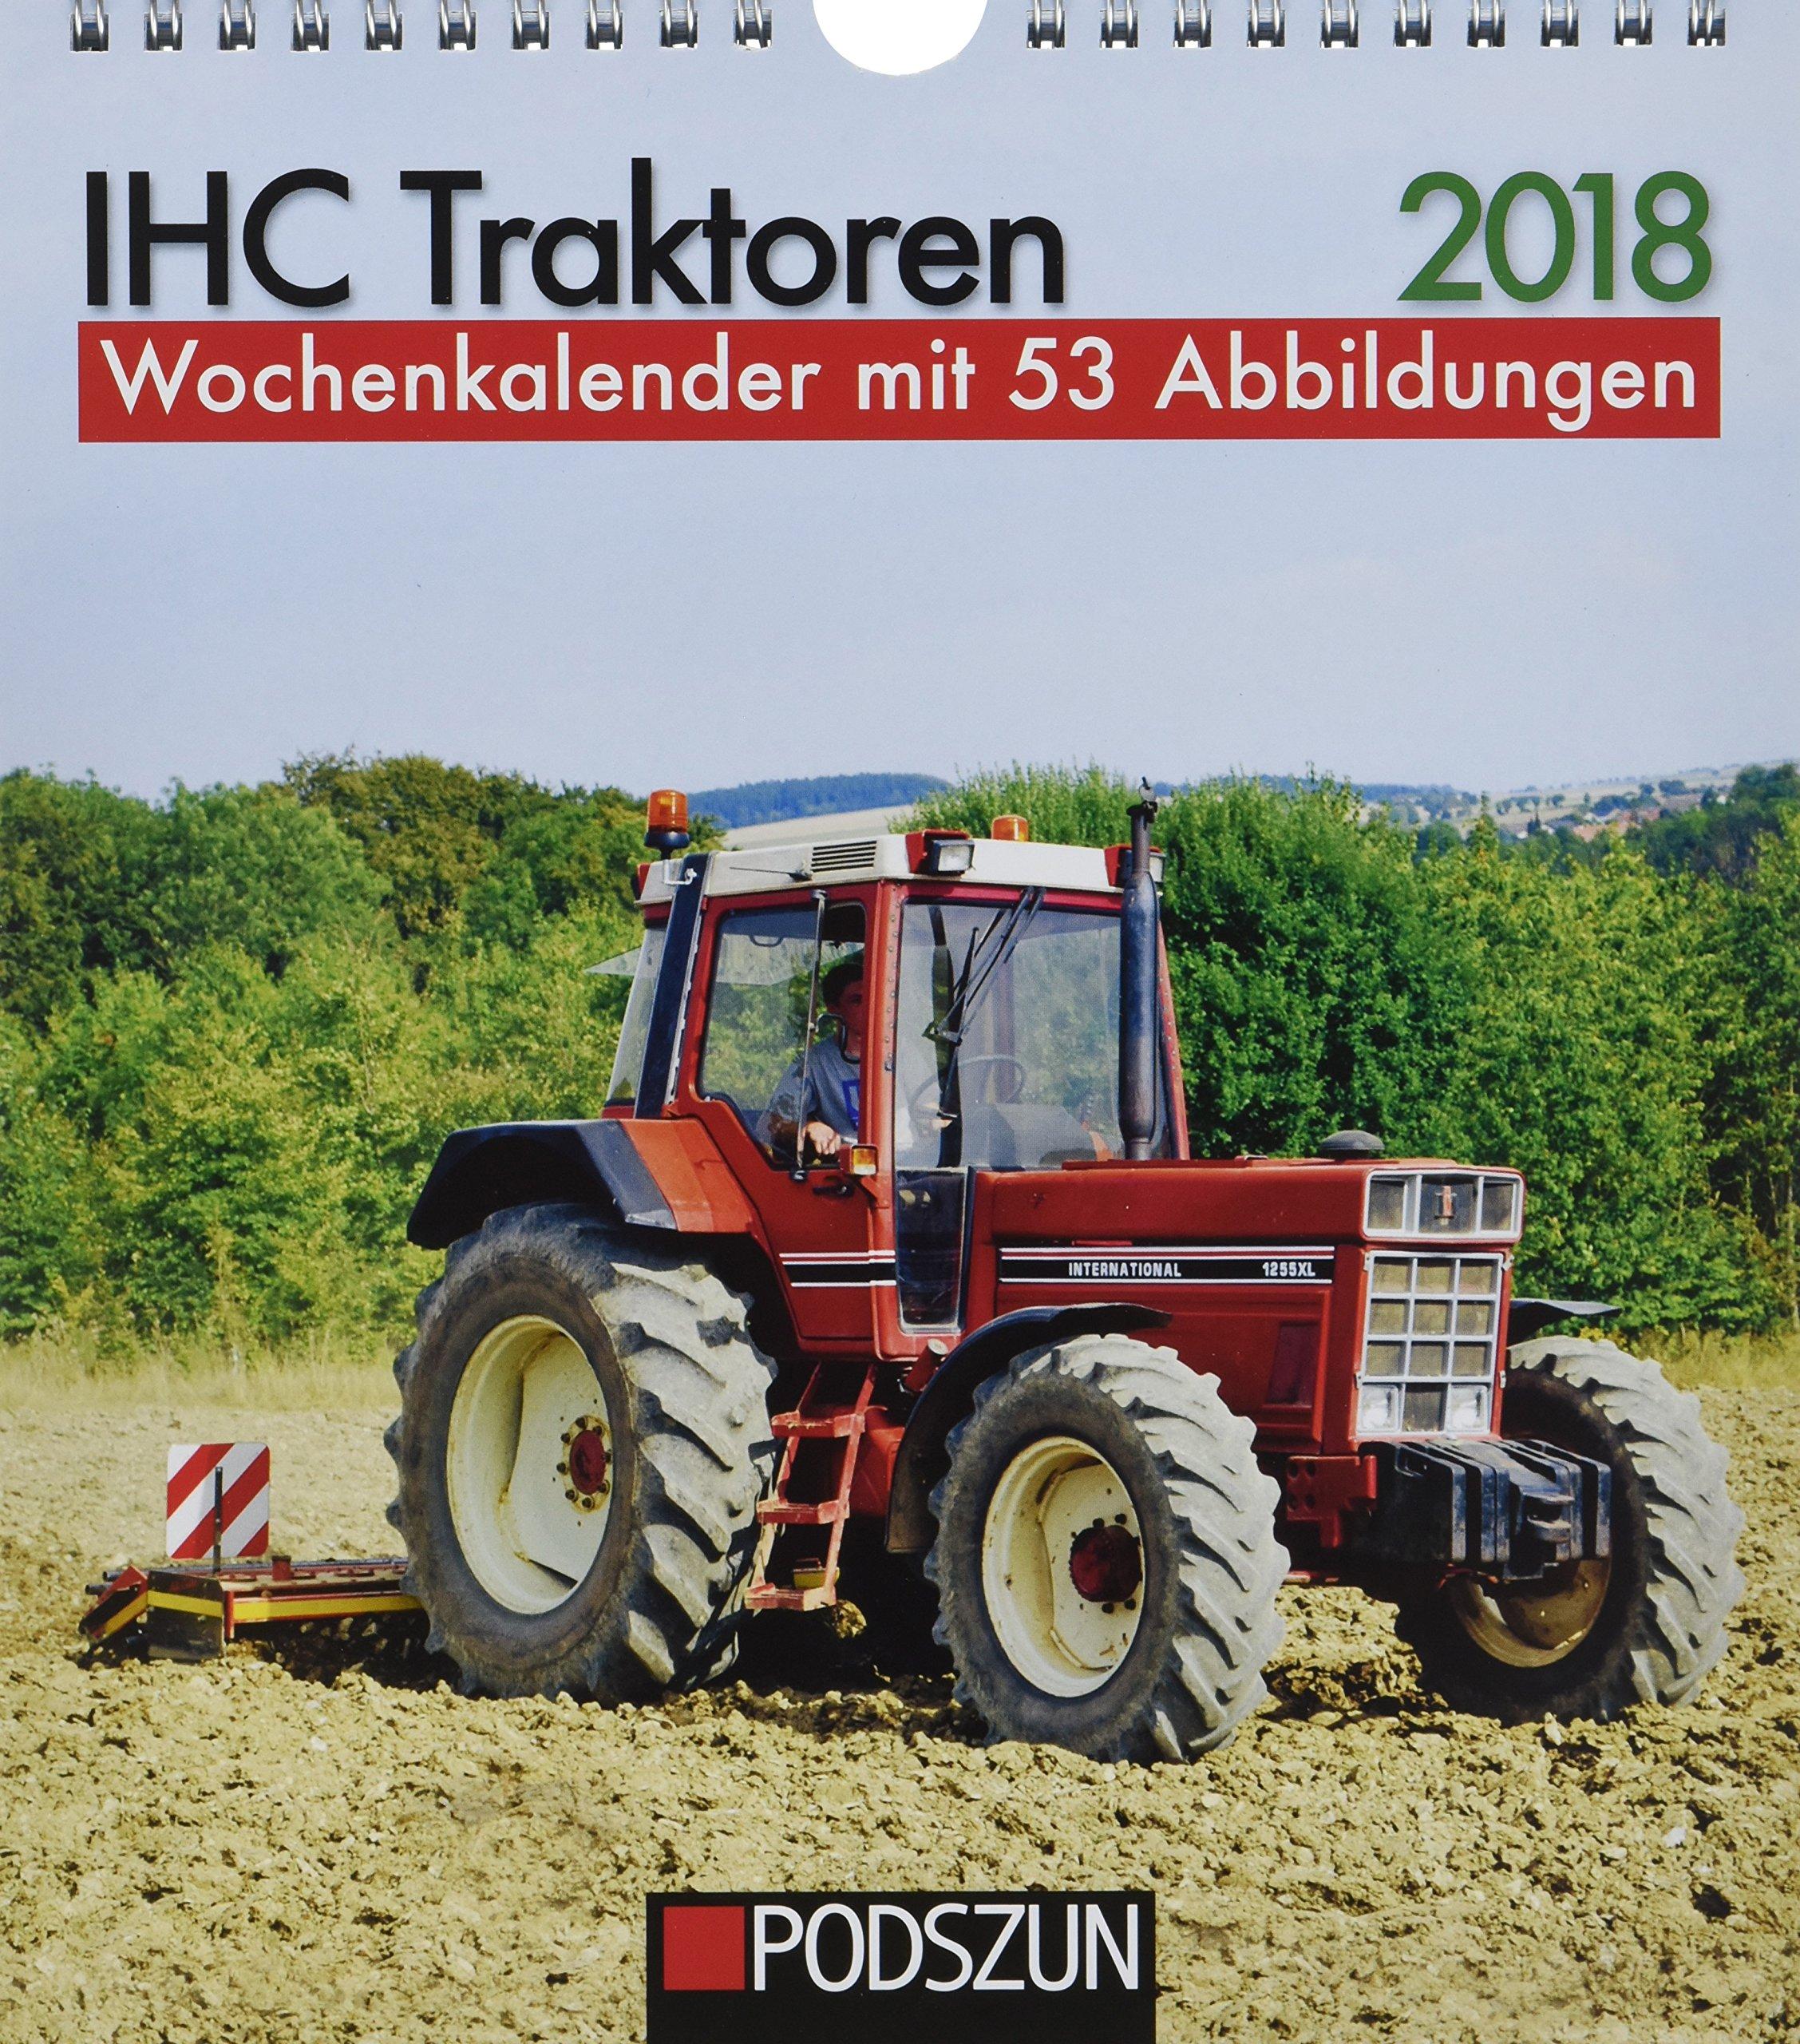 IHC Traktoren 2018